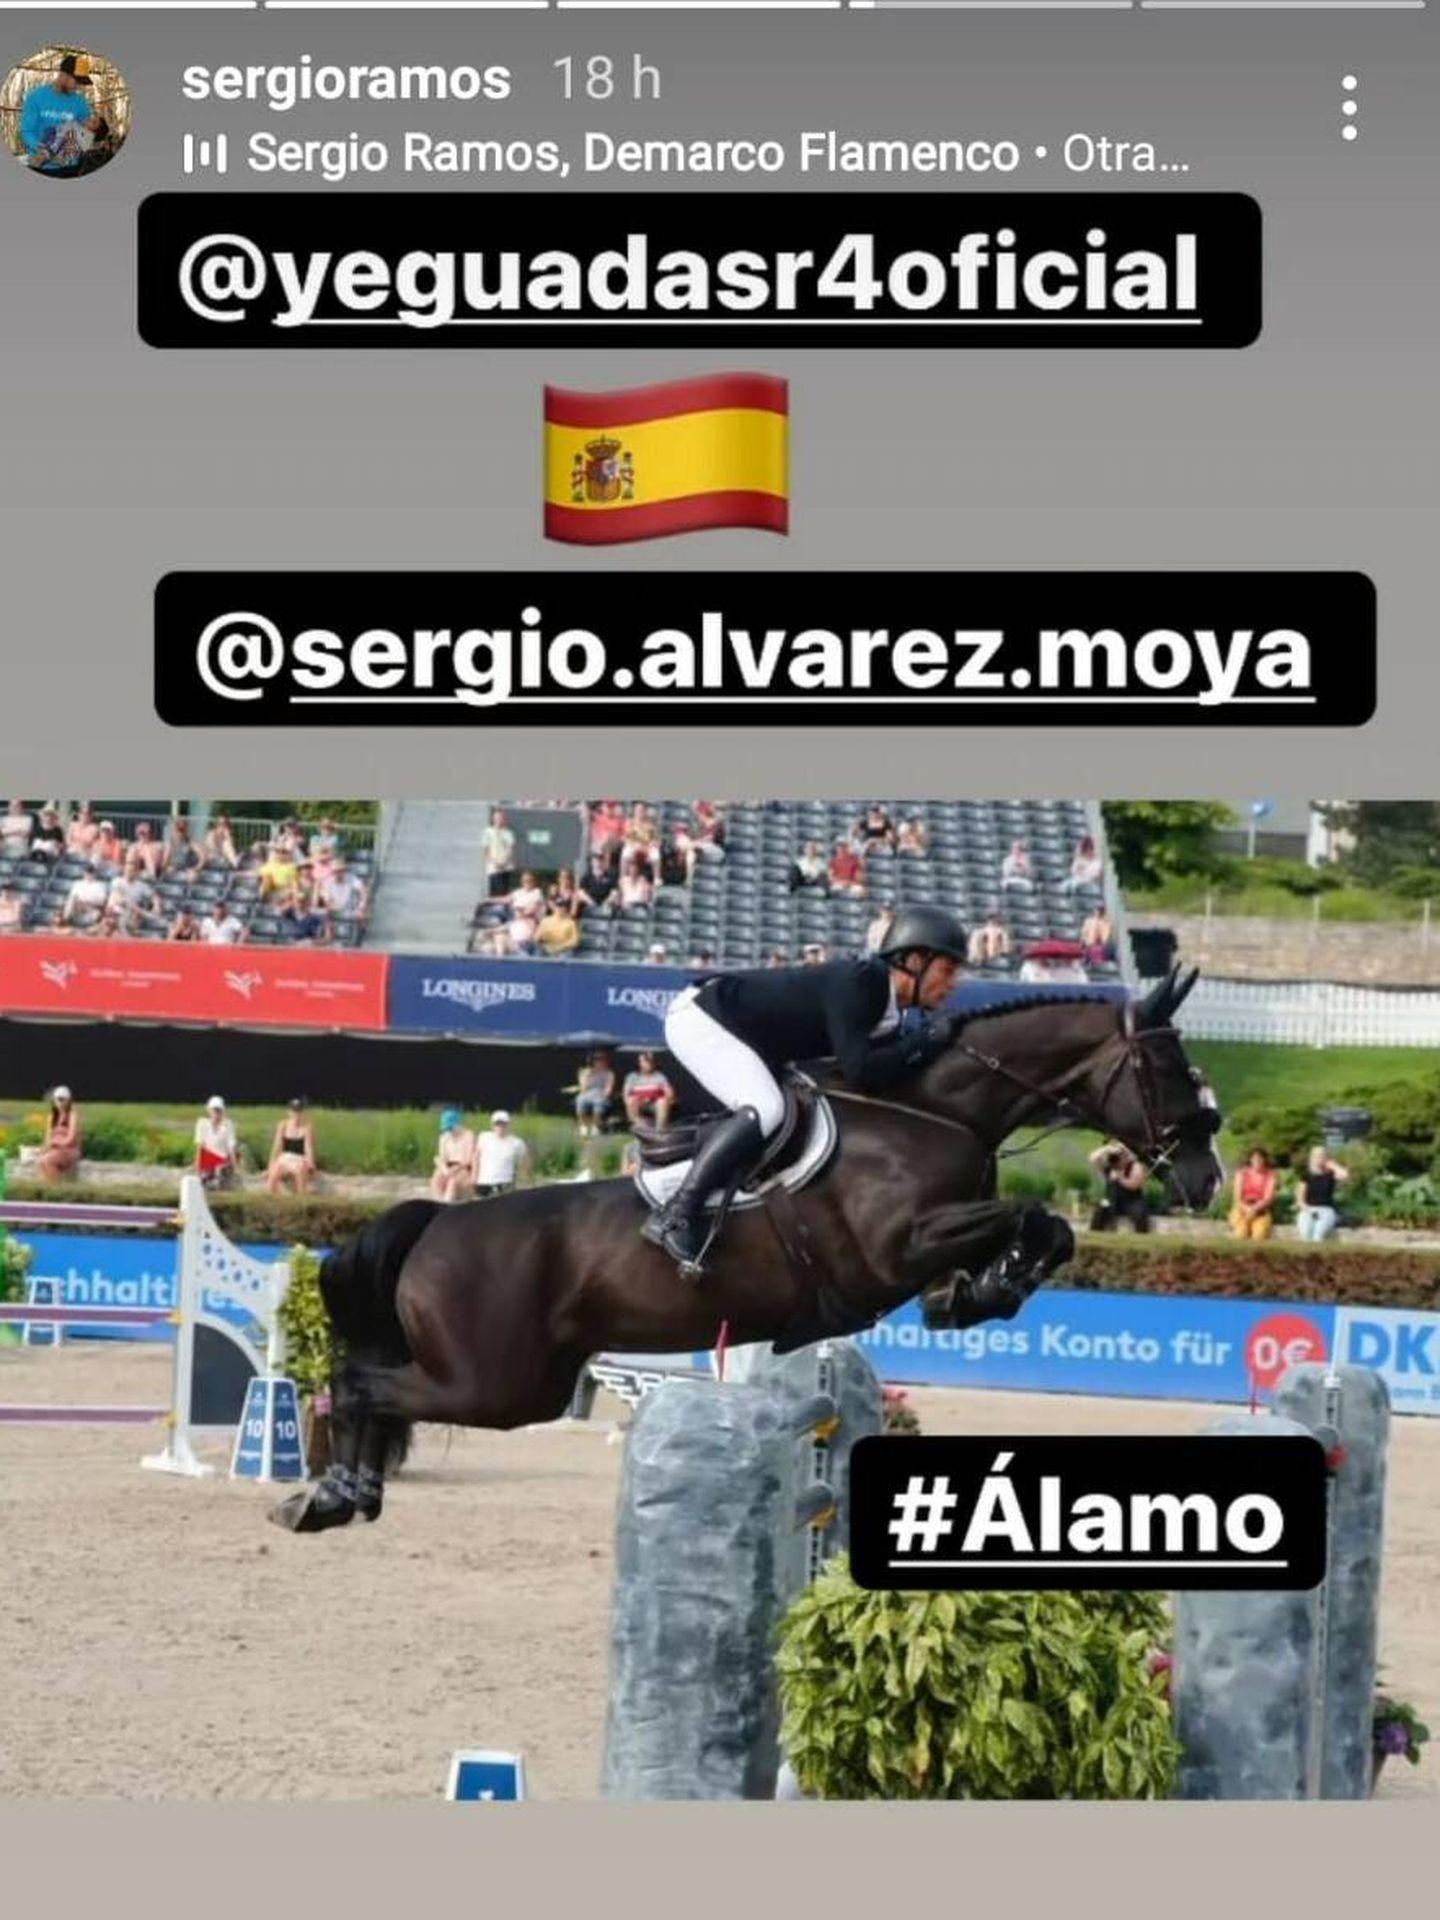 Sergio Ramos alaba a su socio y amigo Álvarez Moya y a Álamo, su caballo en común. (@sergioramos)